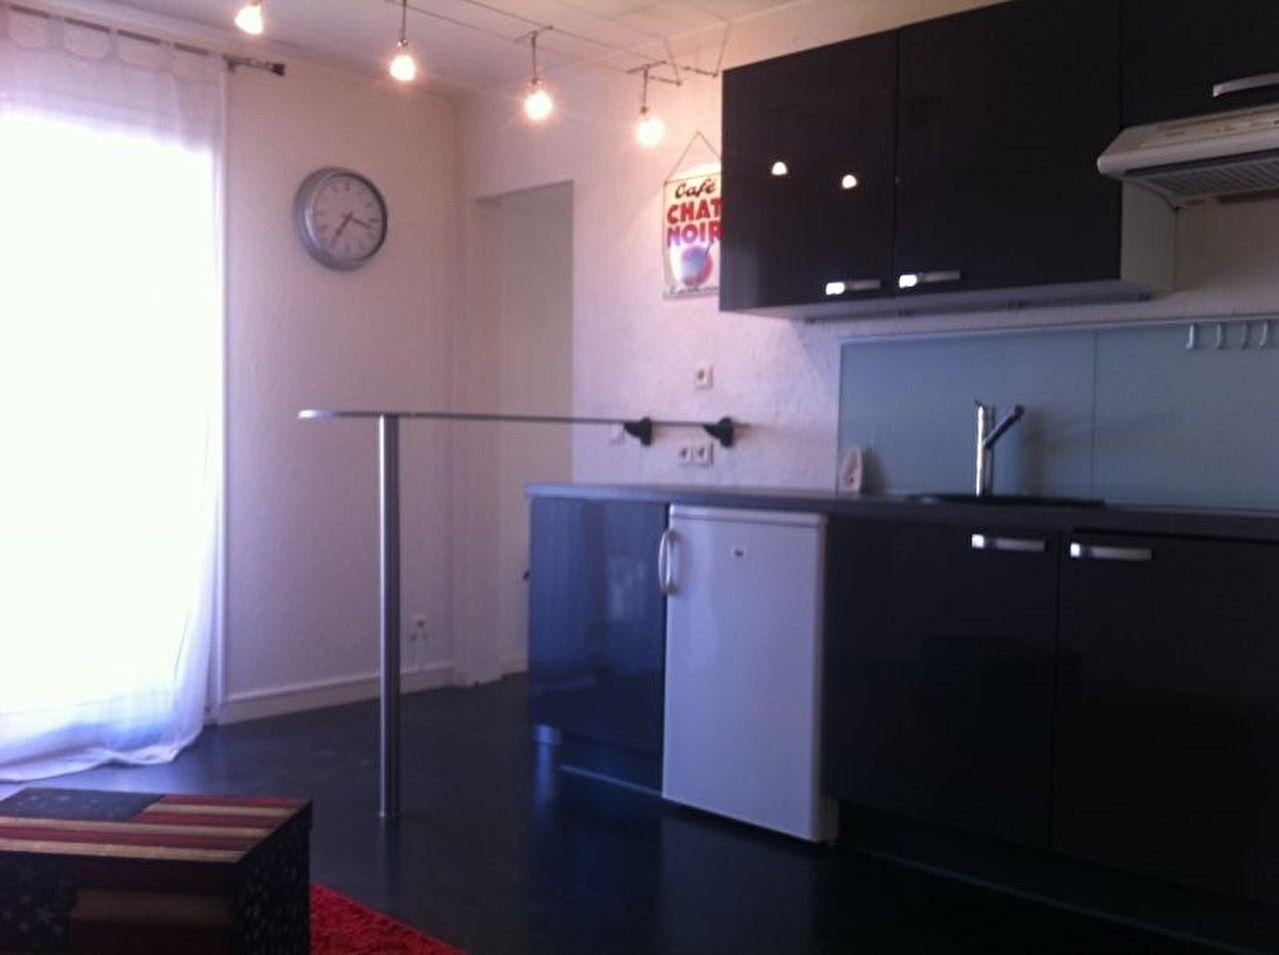 Vente Appartement 2 pièces MARSEILLE 13013